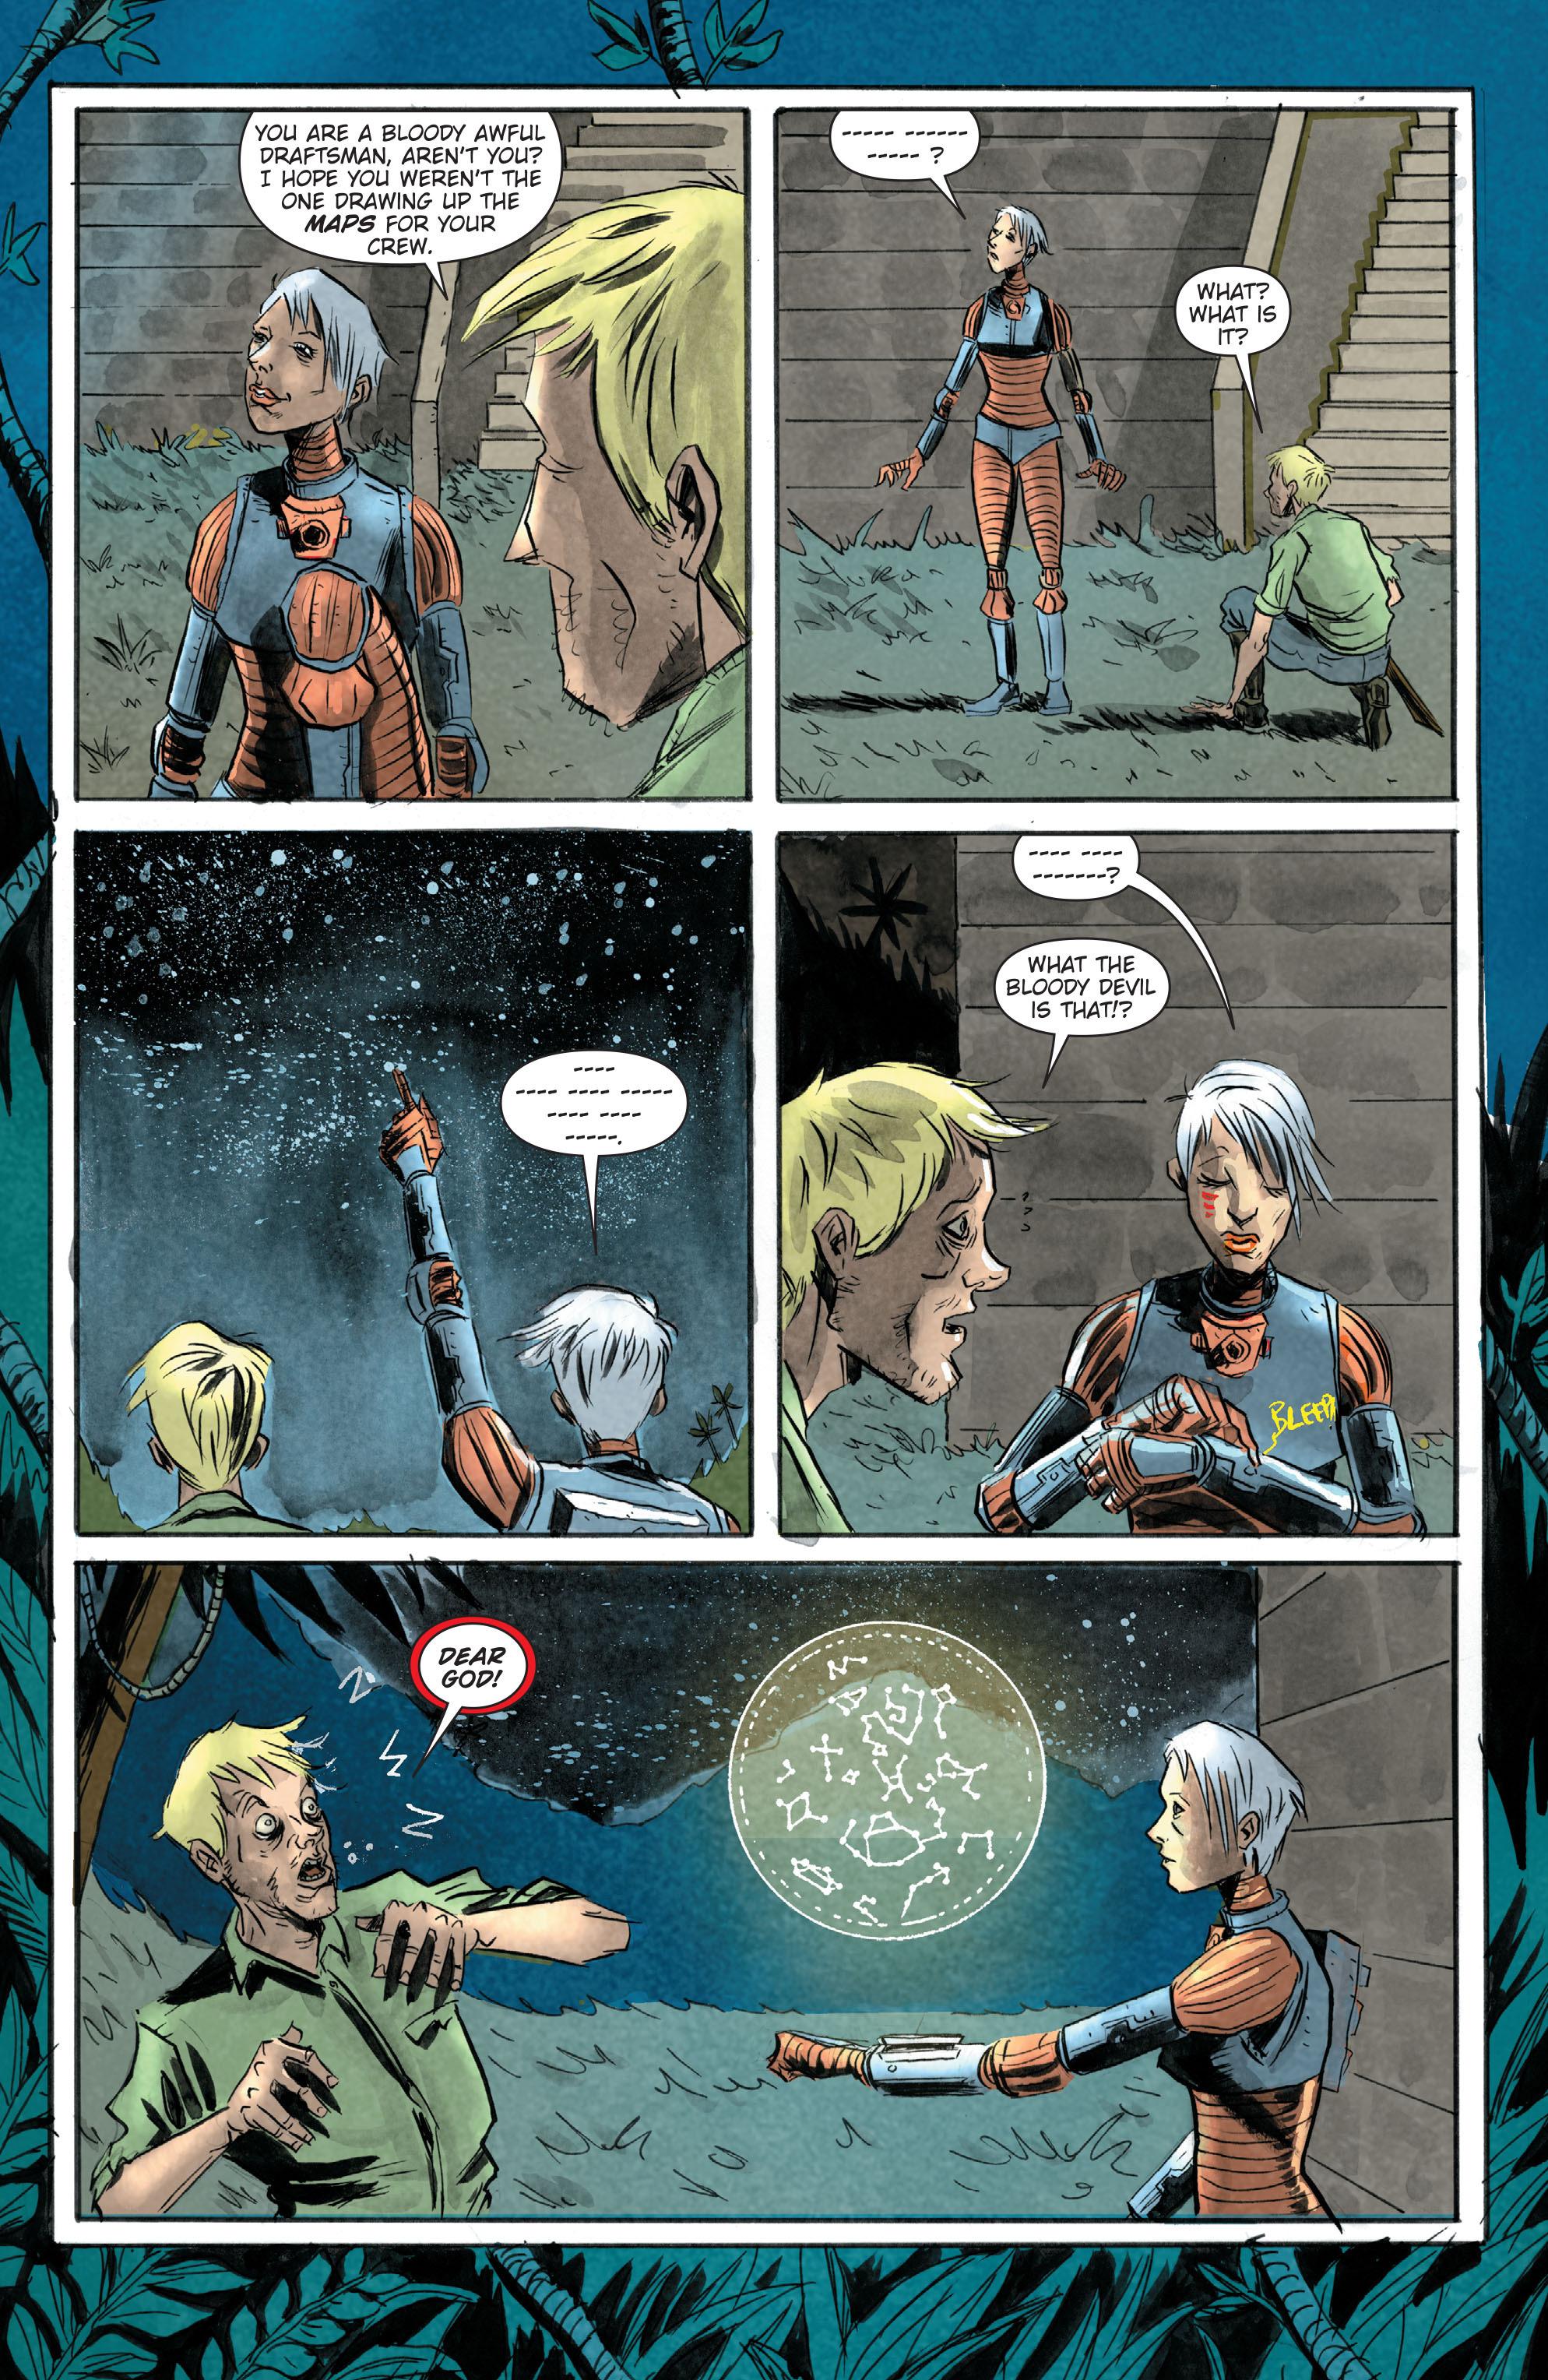 Read online Trillium comic -  Issue # TPB - 45